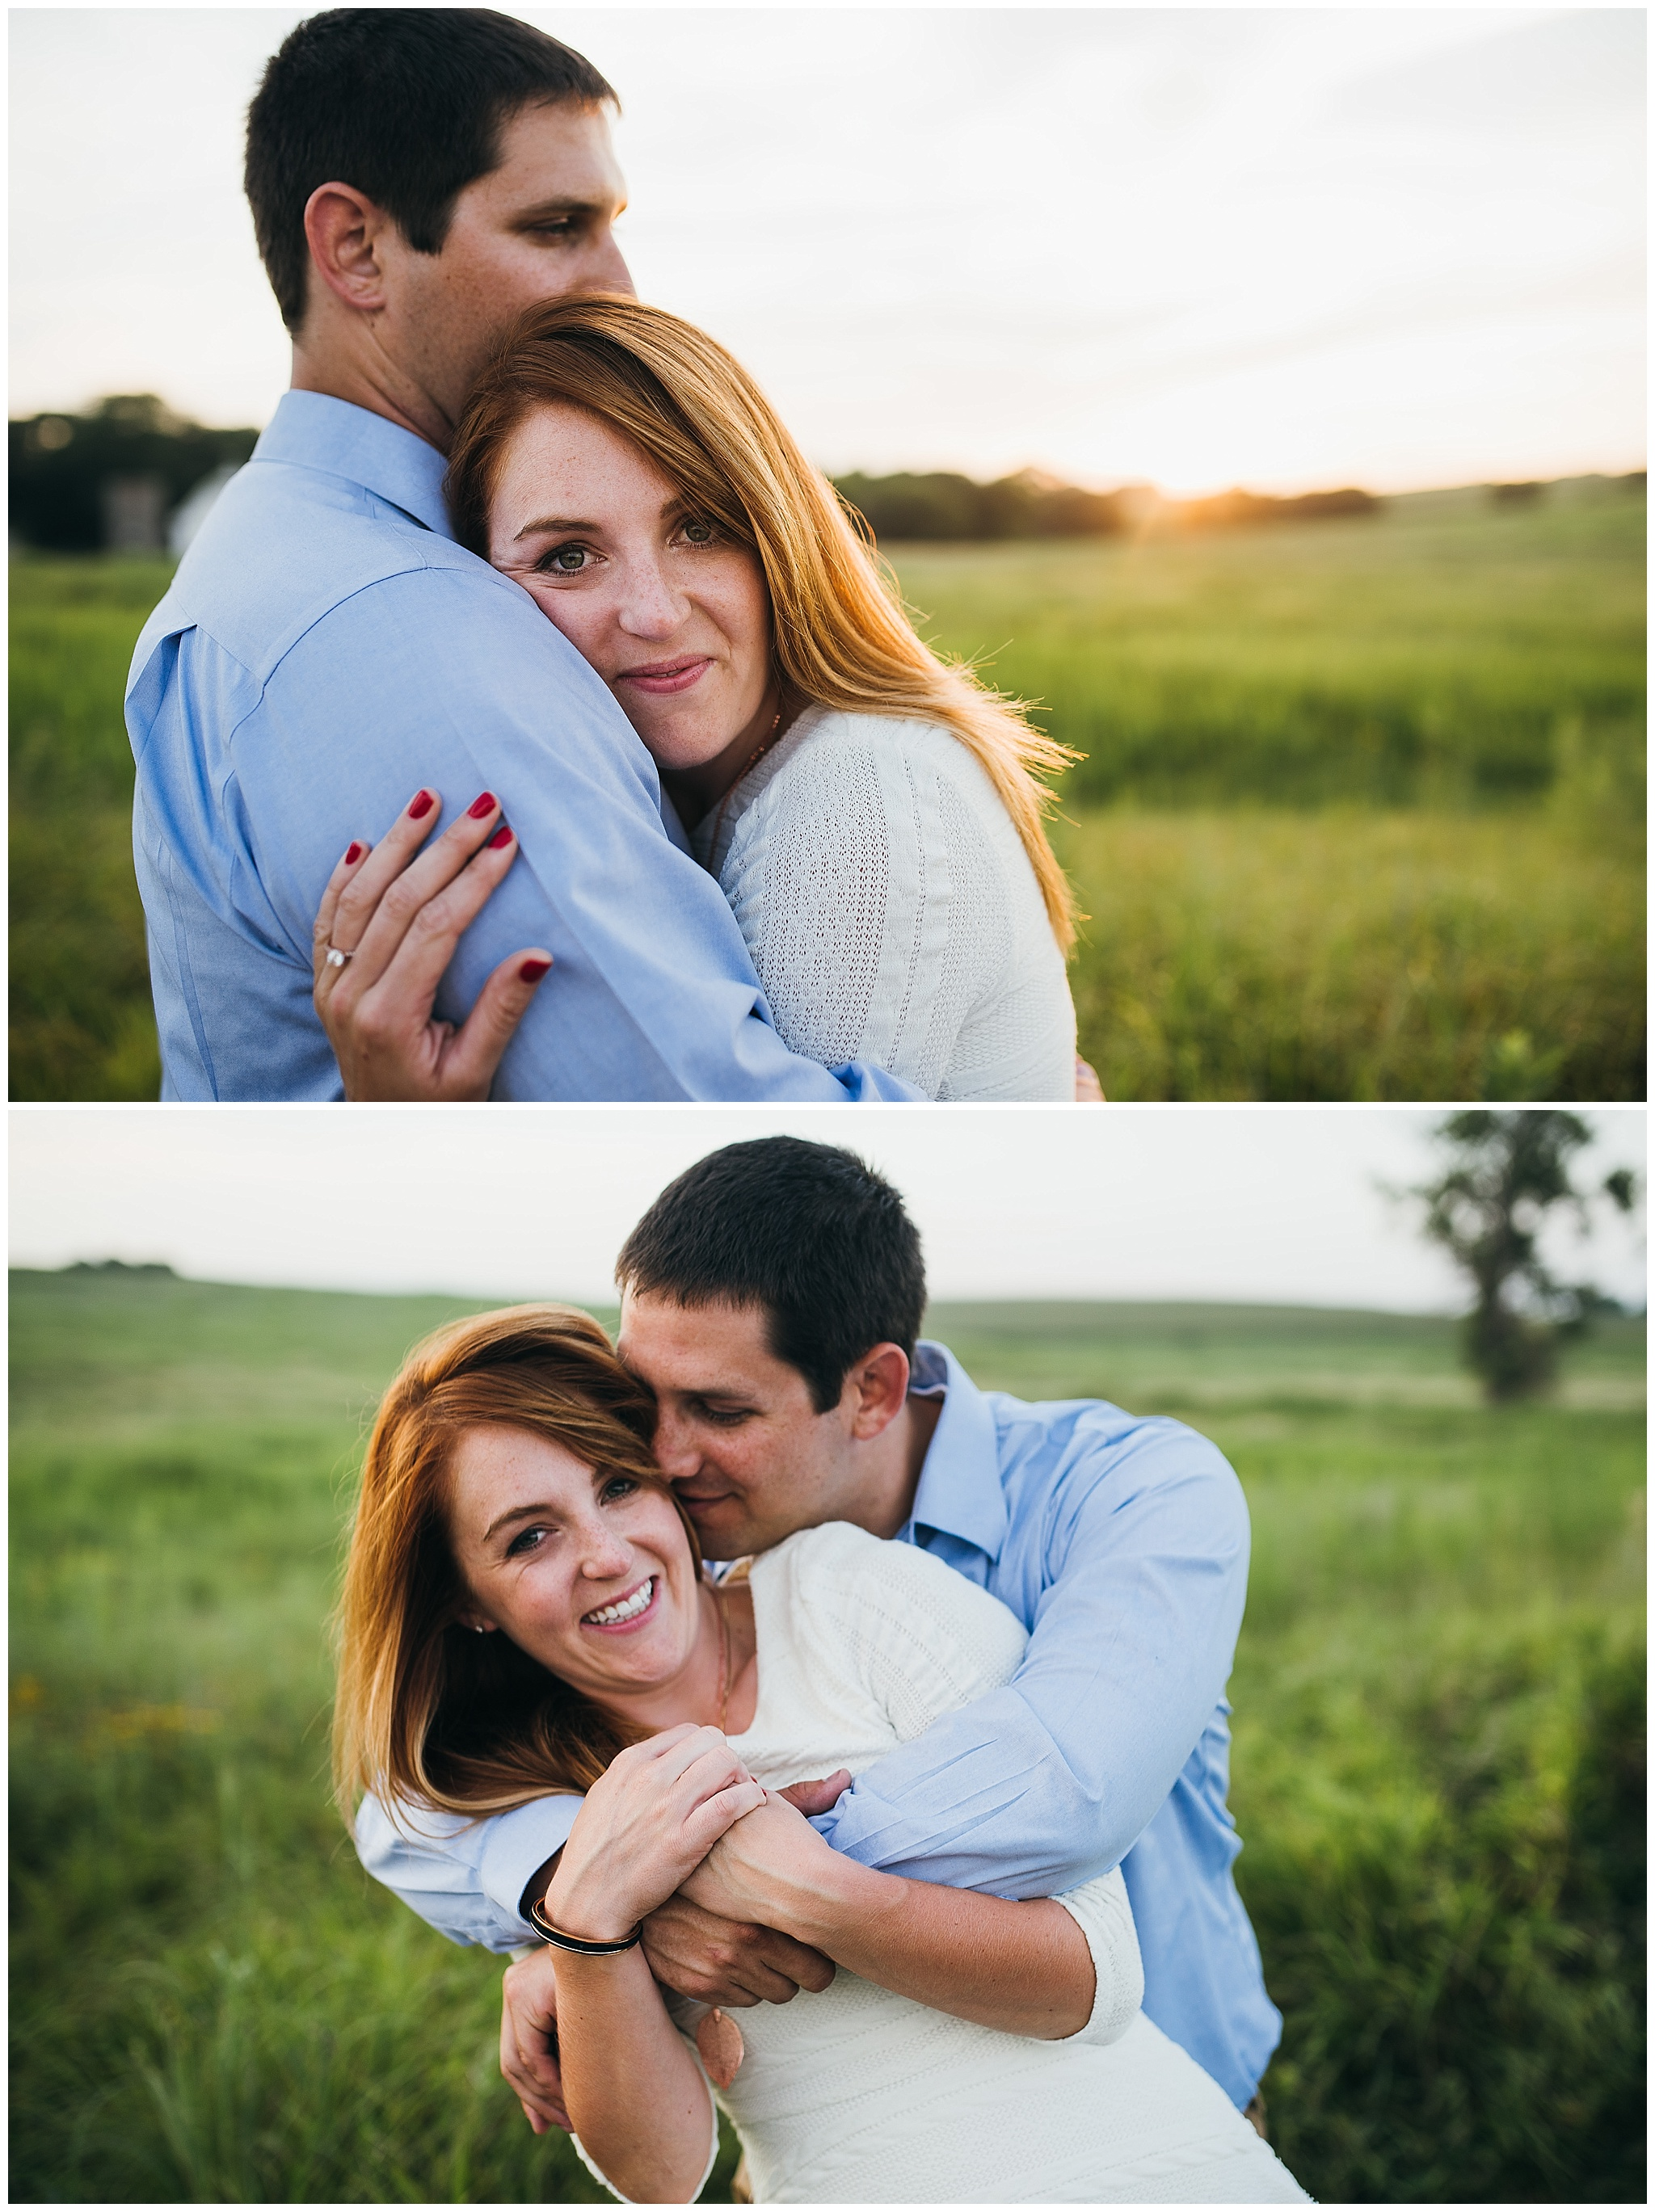 St. Louis Engagement Photographer